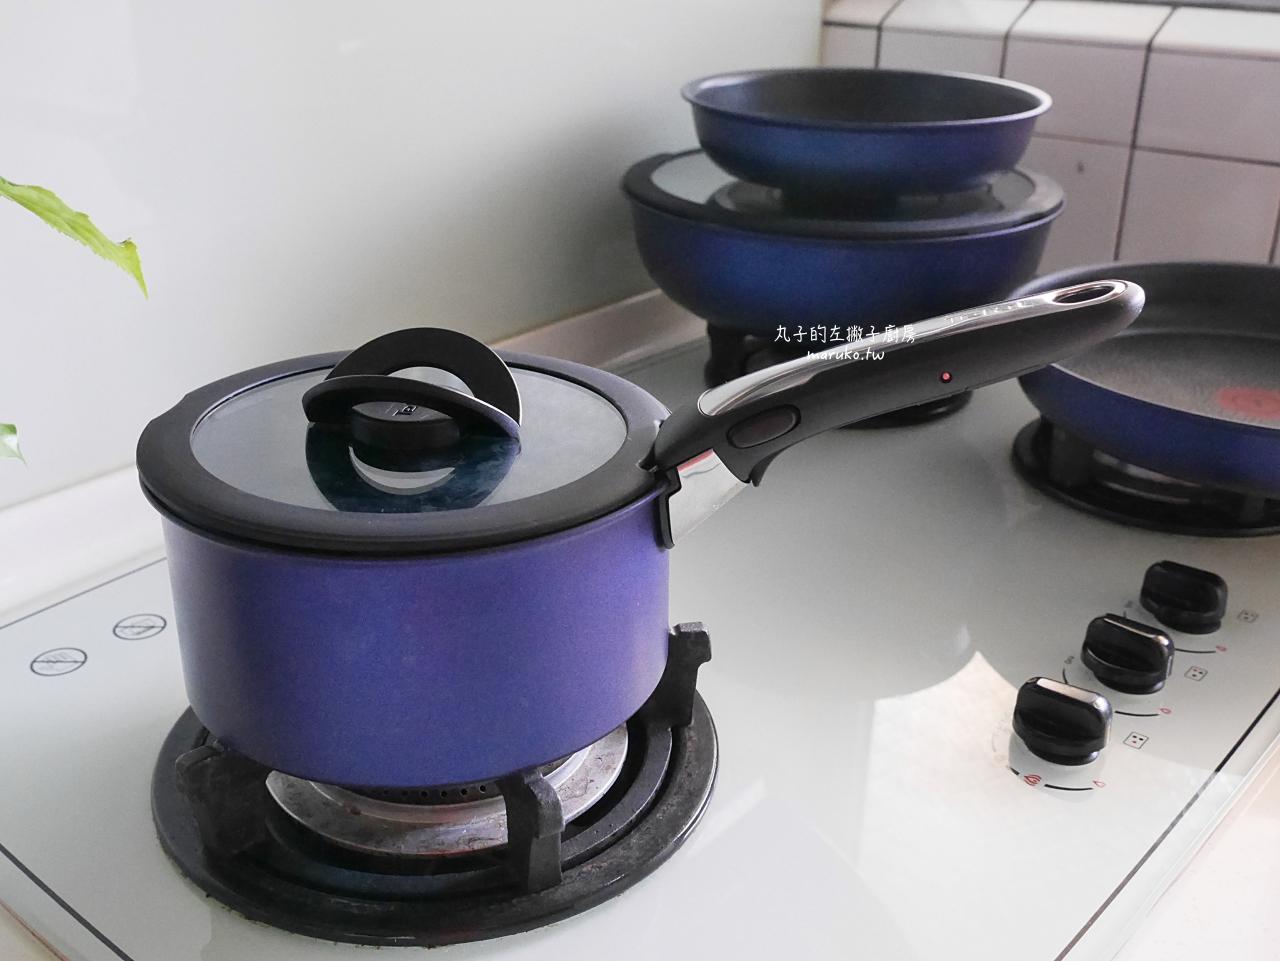 【廚房好物推薦】Tefal 法國特福巧變精靈系列不沾鍋8件組(深邃藍)實用心得分享 @Maruko與美食有個約會